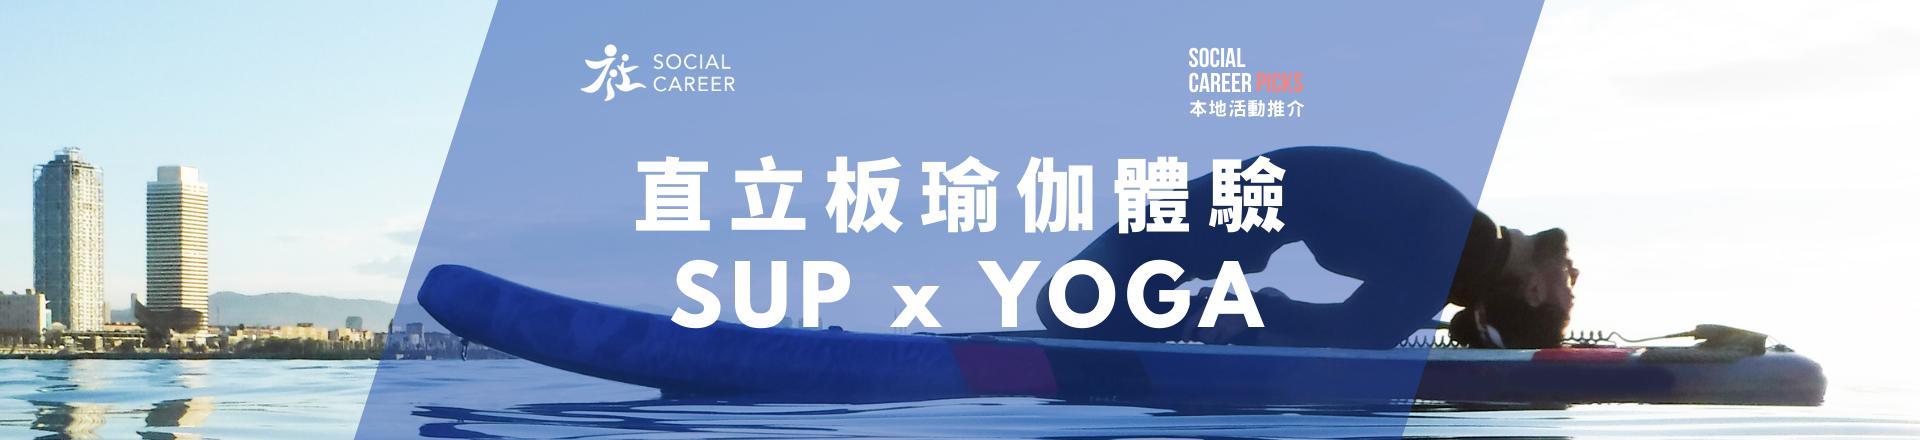 香港直立板瑜伽體驗|SUP YOGA in Hong Kong